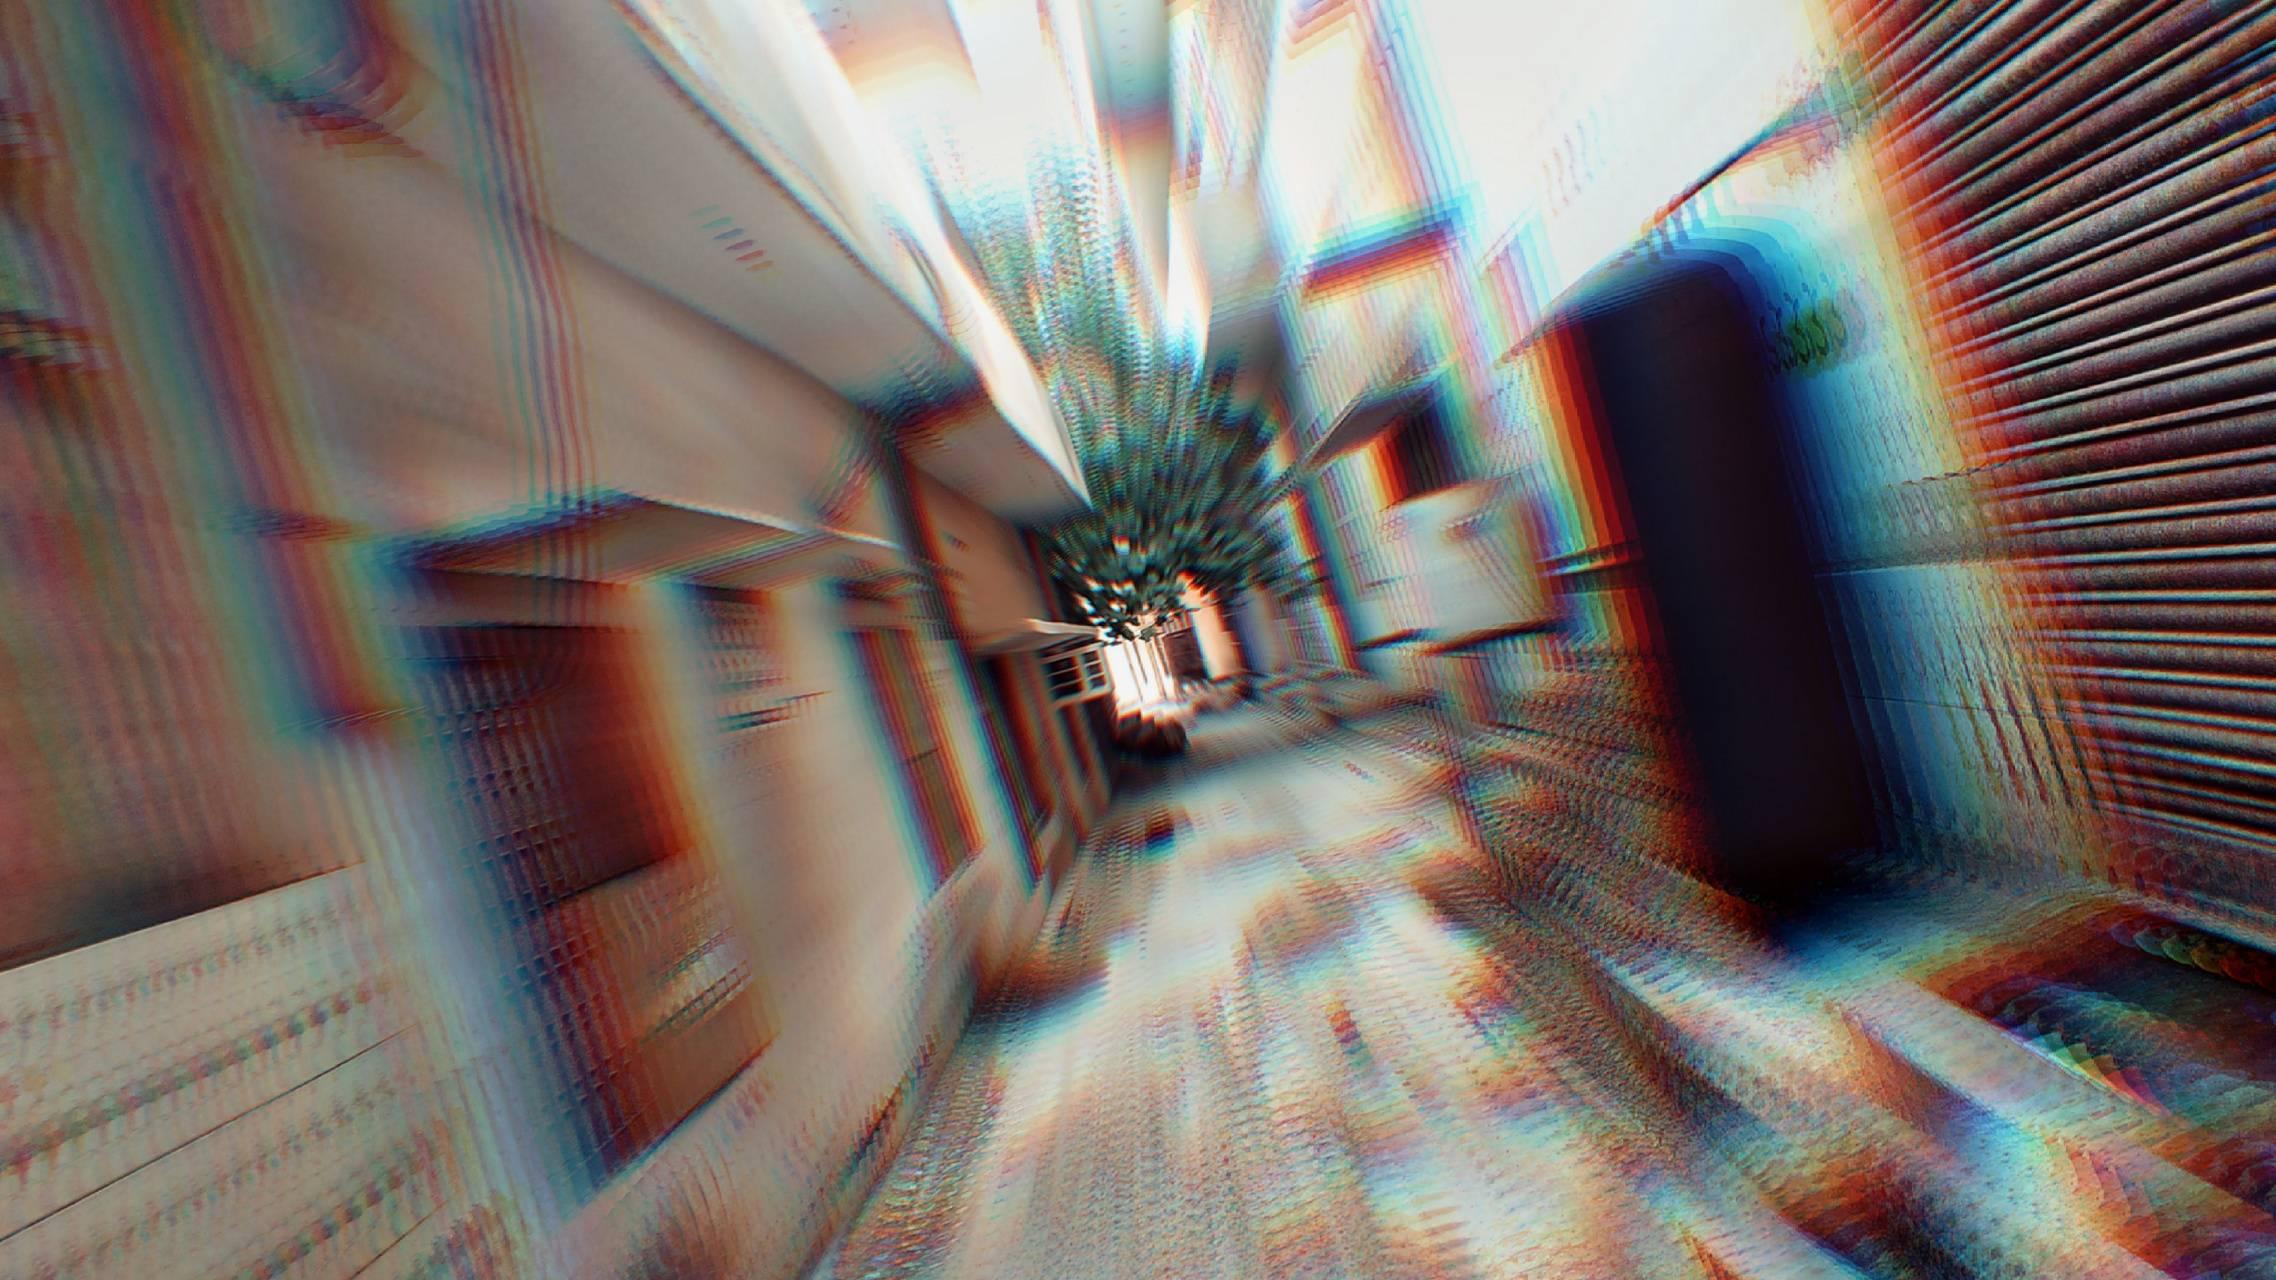 Trippy street